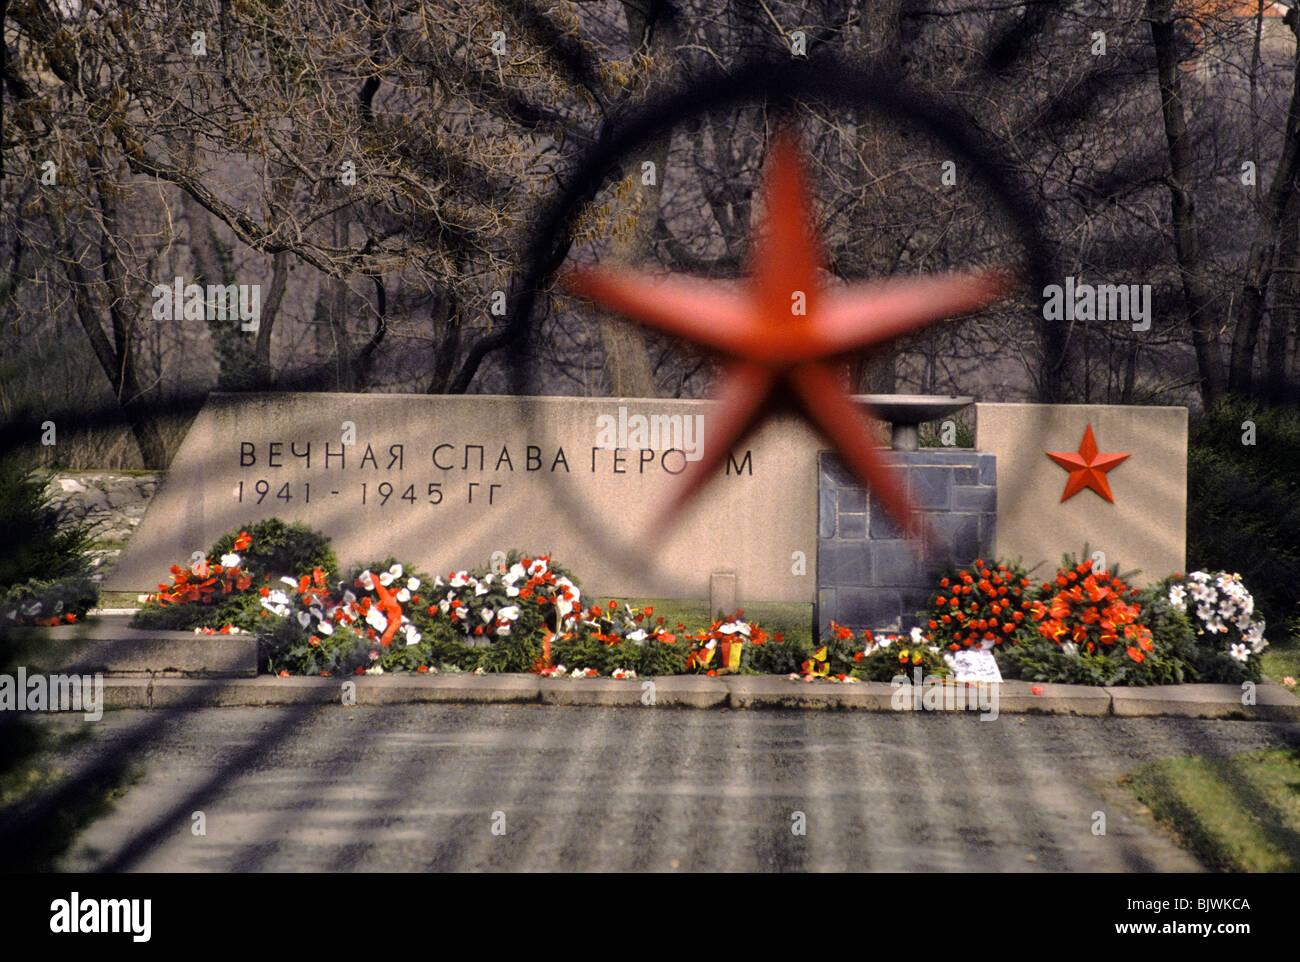 Ein Denkmal für russische Soldaten getötet, während Weltkrieg ll in Potsdam, Deutschland Stockbild